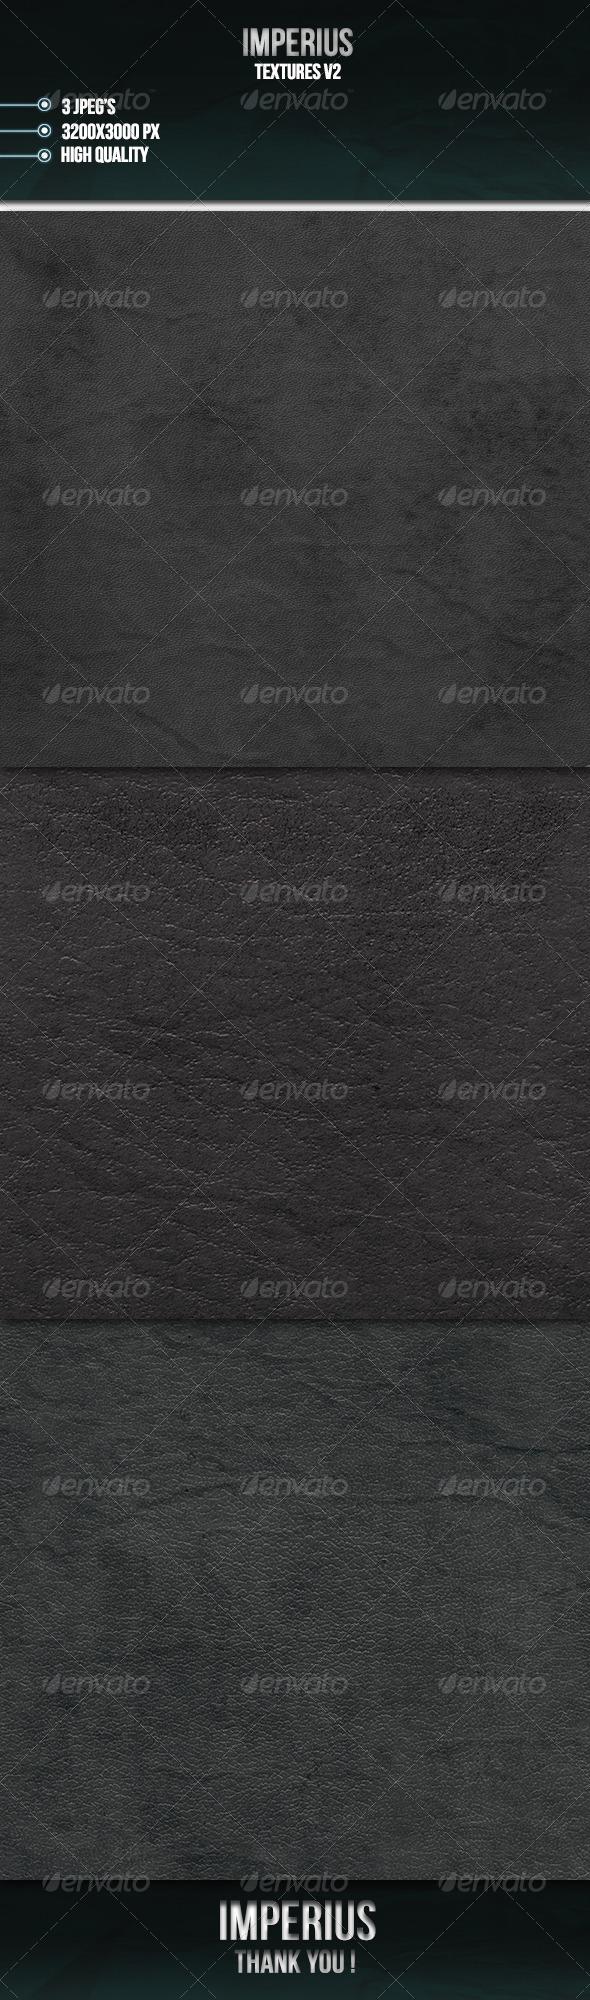 GraphicRiver Textures V2 6977554